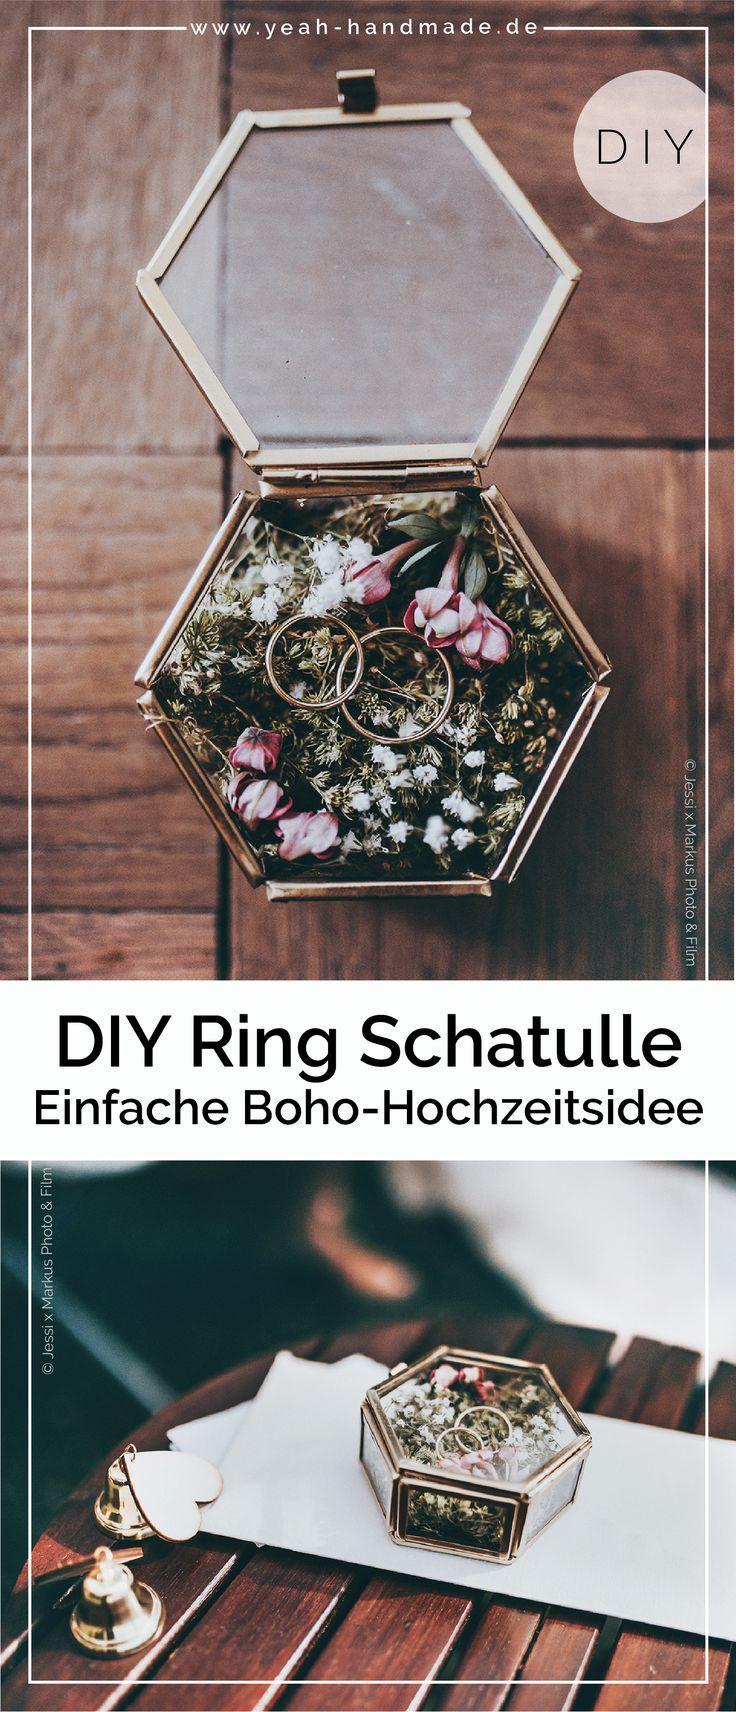 DIY wedding ideas: Ring pillow made of moss in a glass casket